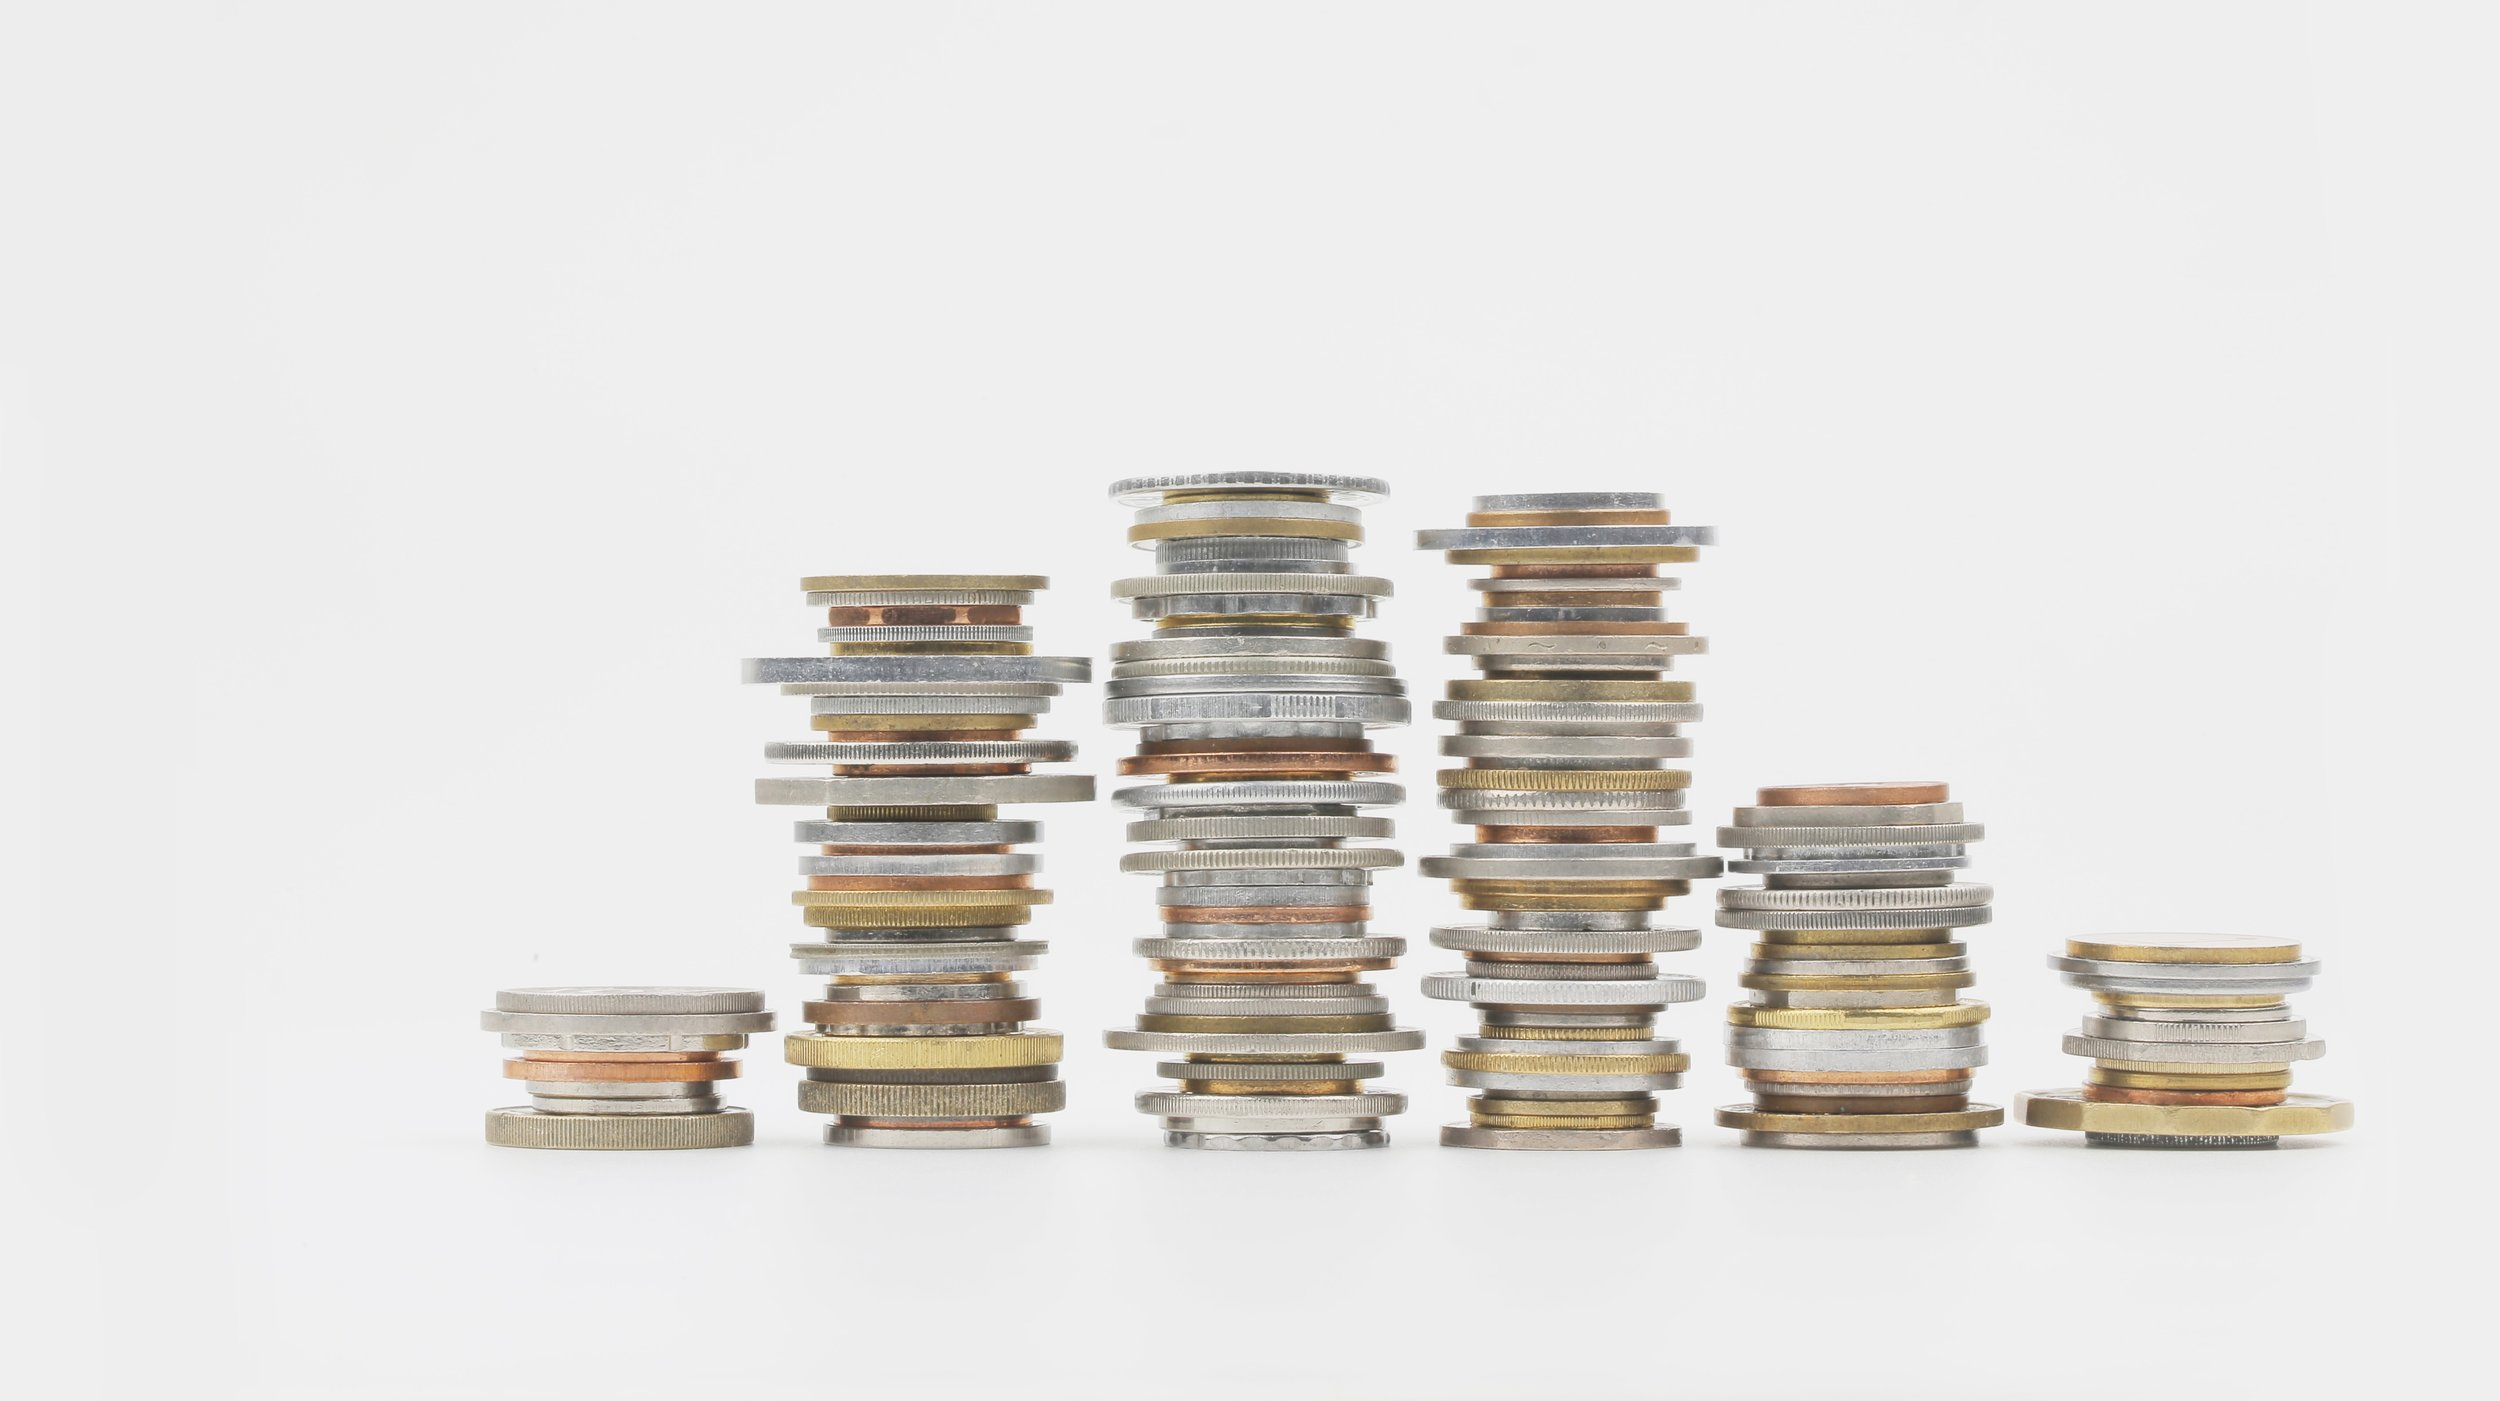 邵睿璐,《七大洲》,选自《抽象物的形状》系列,2016-2018年。数码微喷, 50 x 90 cm。图片由艺术家提供。